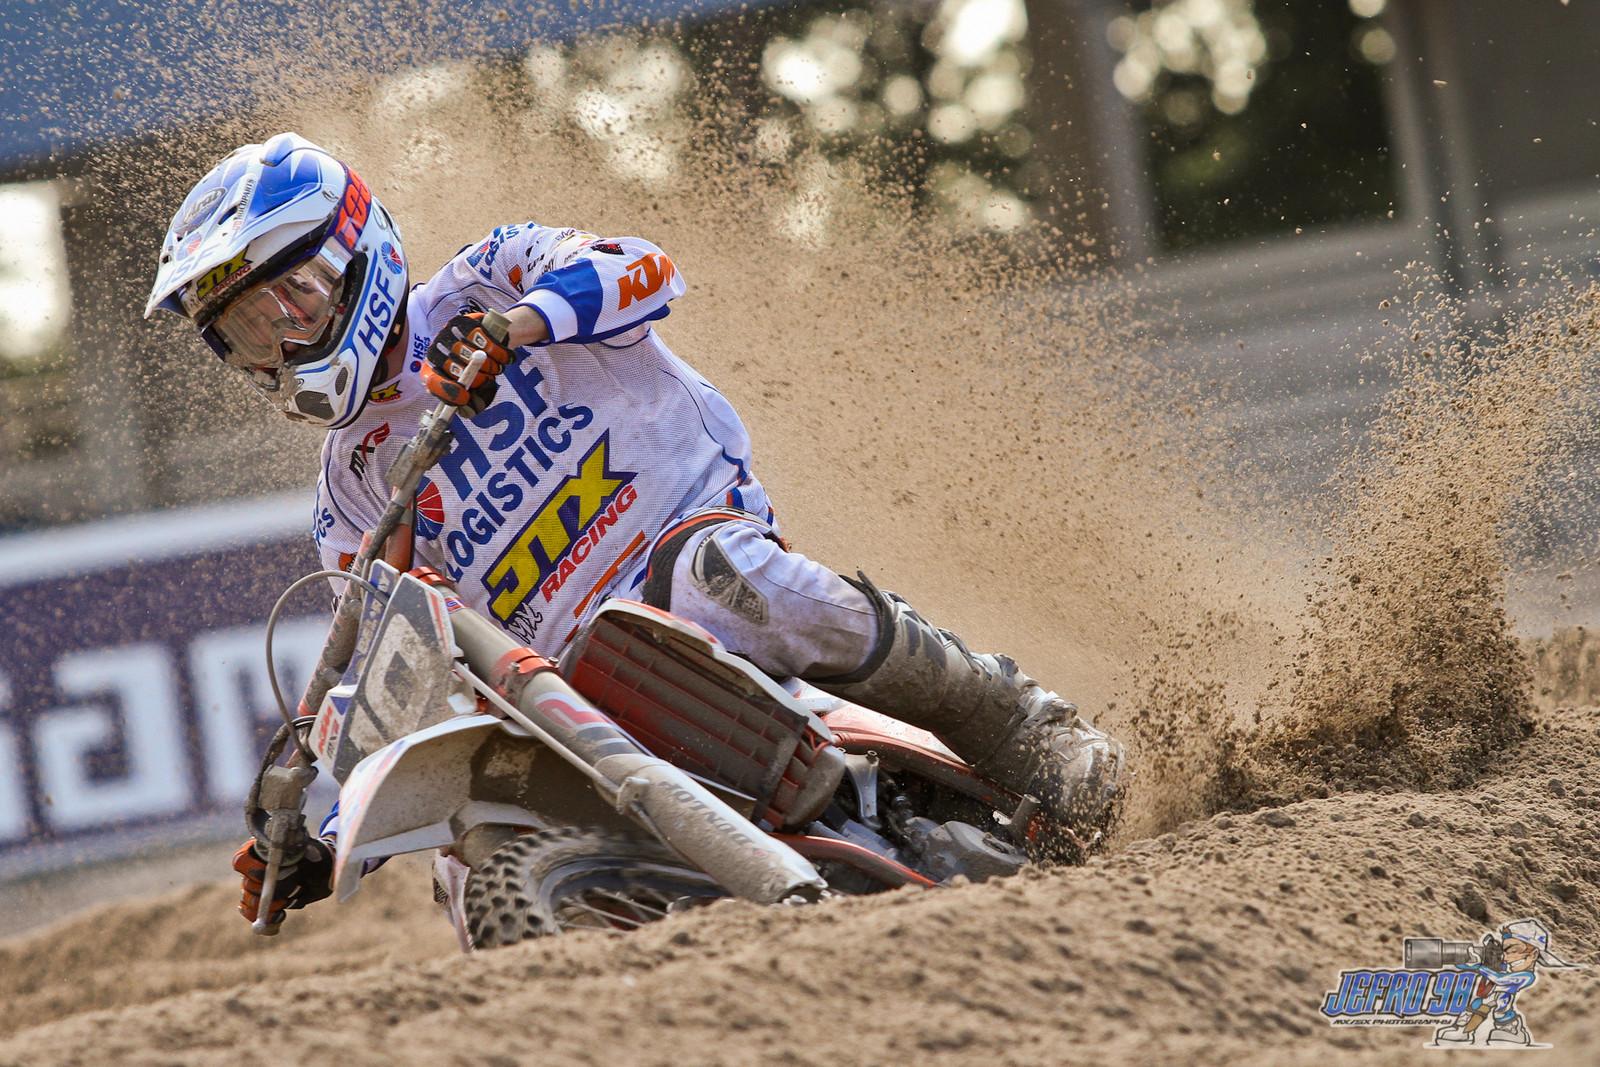 Calvin Vlaanderen - Photo Gallery: MXGP of the Netherlands - Motocross Pictures - Vital MX